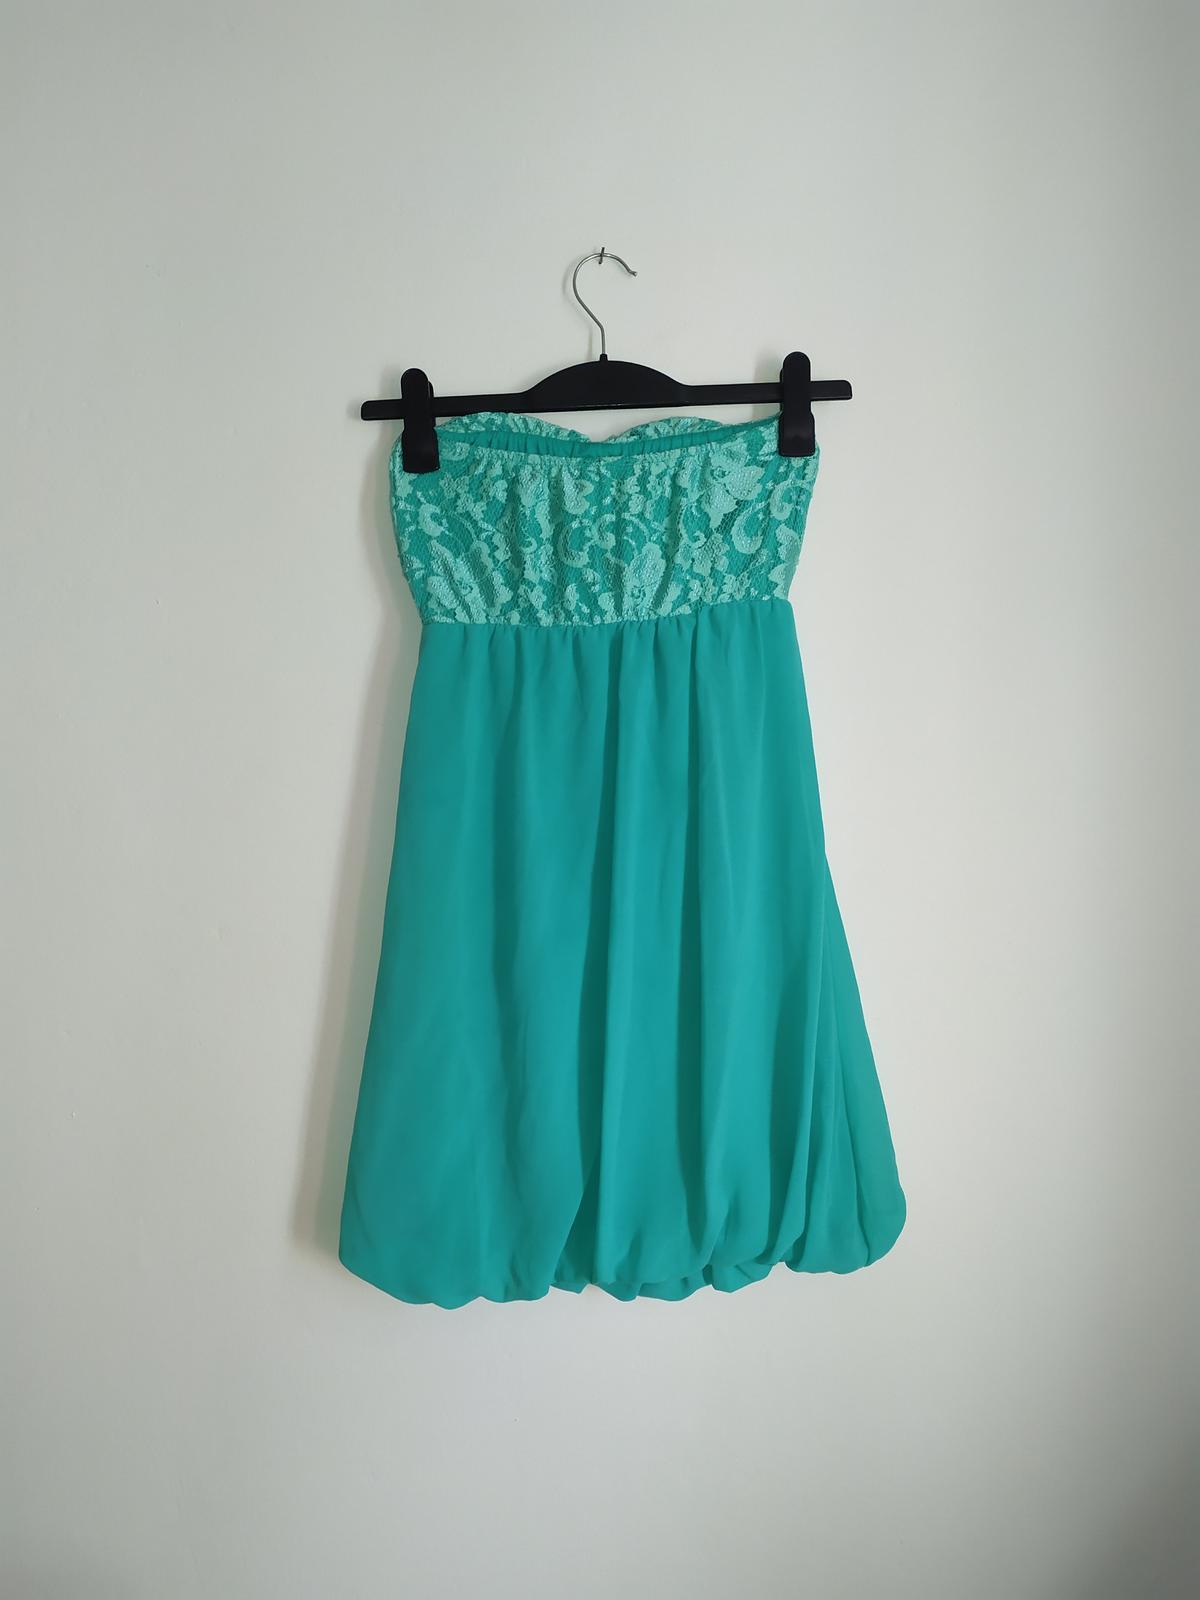 Tyrkysové šaty bez rukávů - vel. 36 - Obrázek č. 3